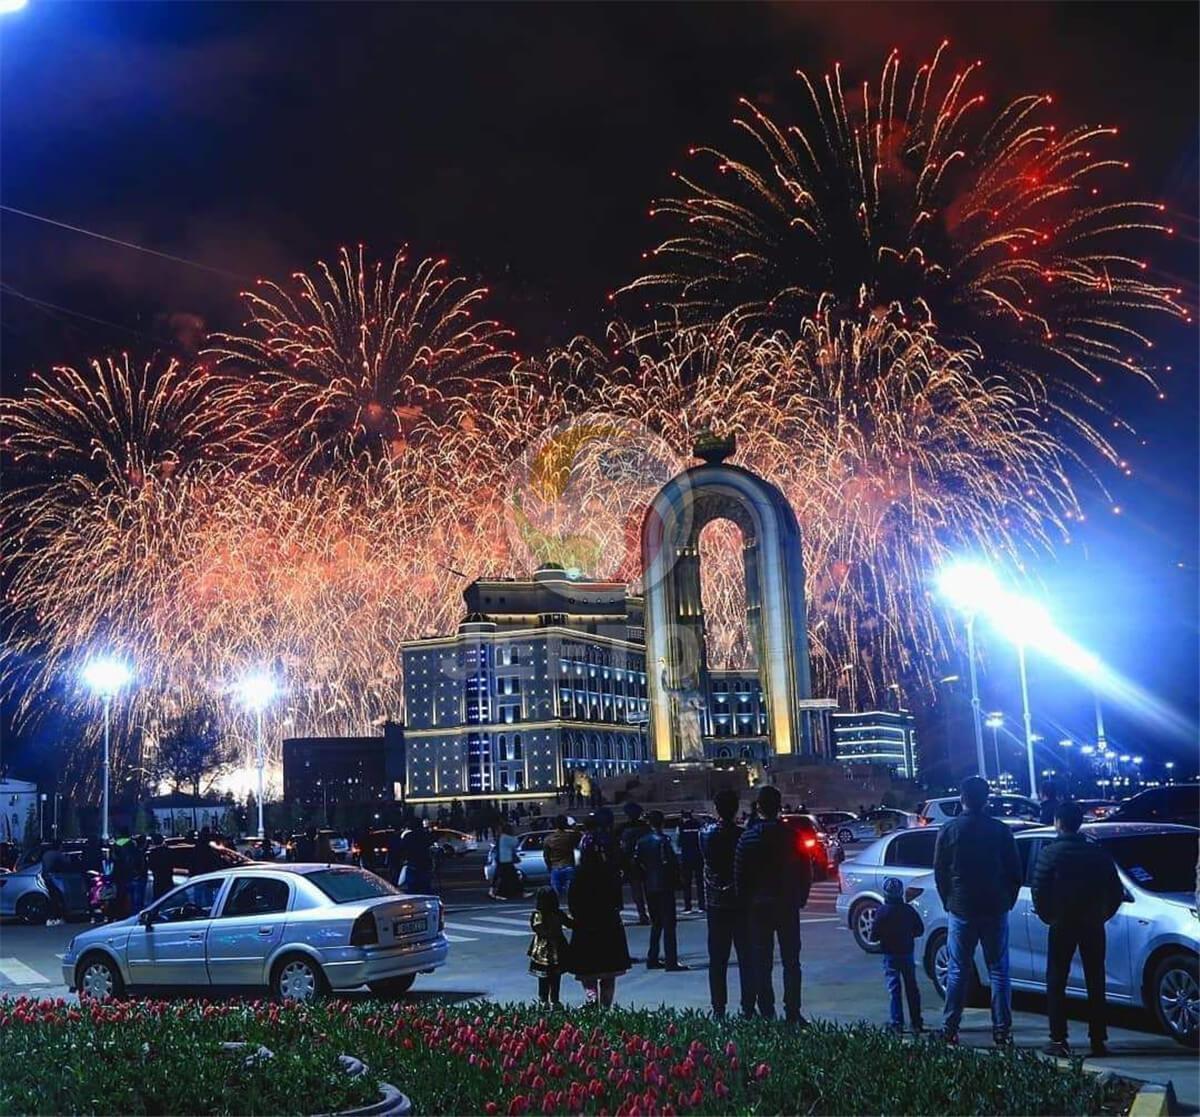 Tajikistan Nawrooz Festival Fireworks Show